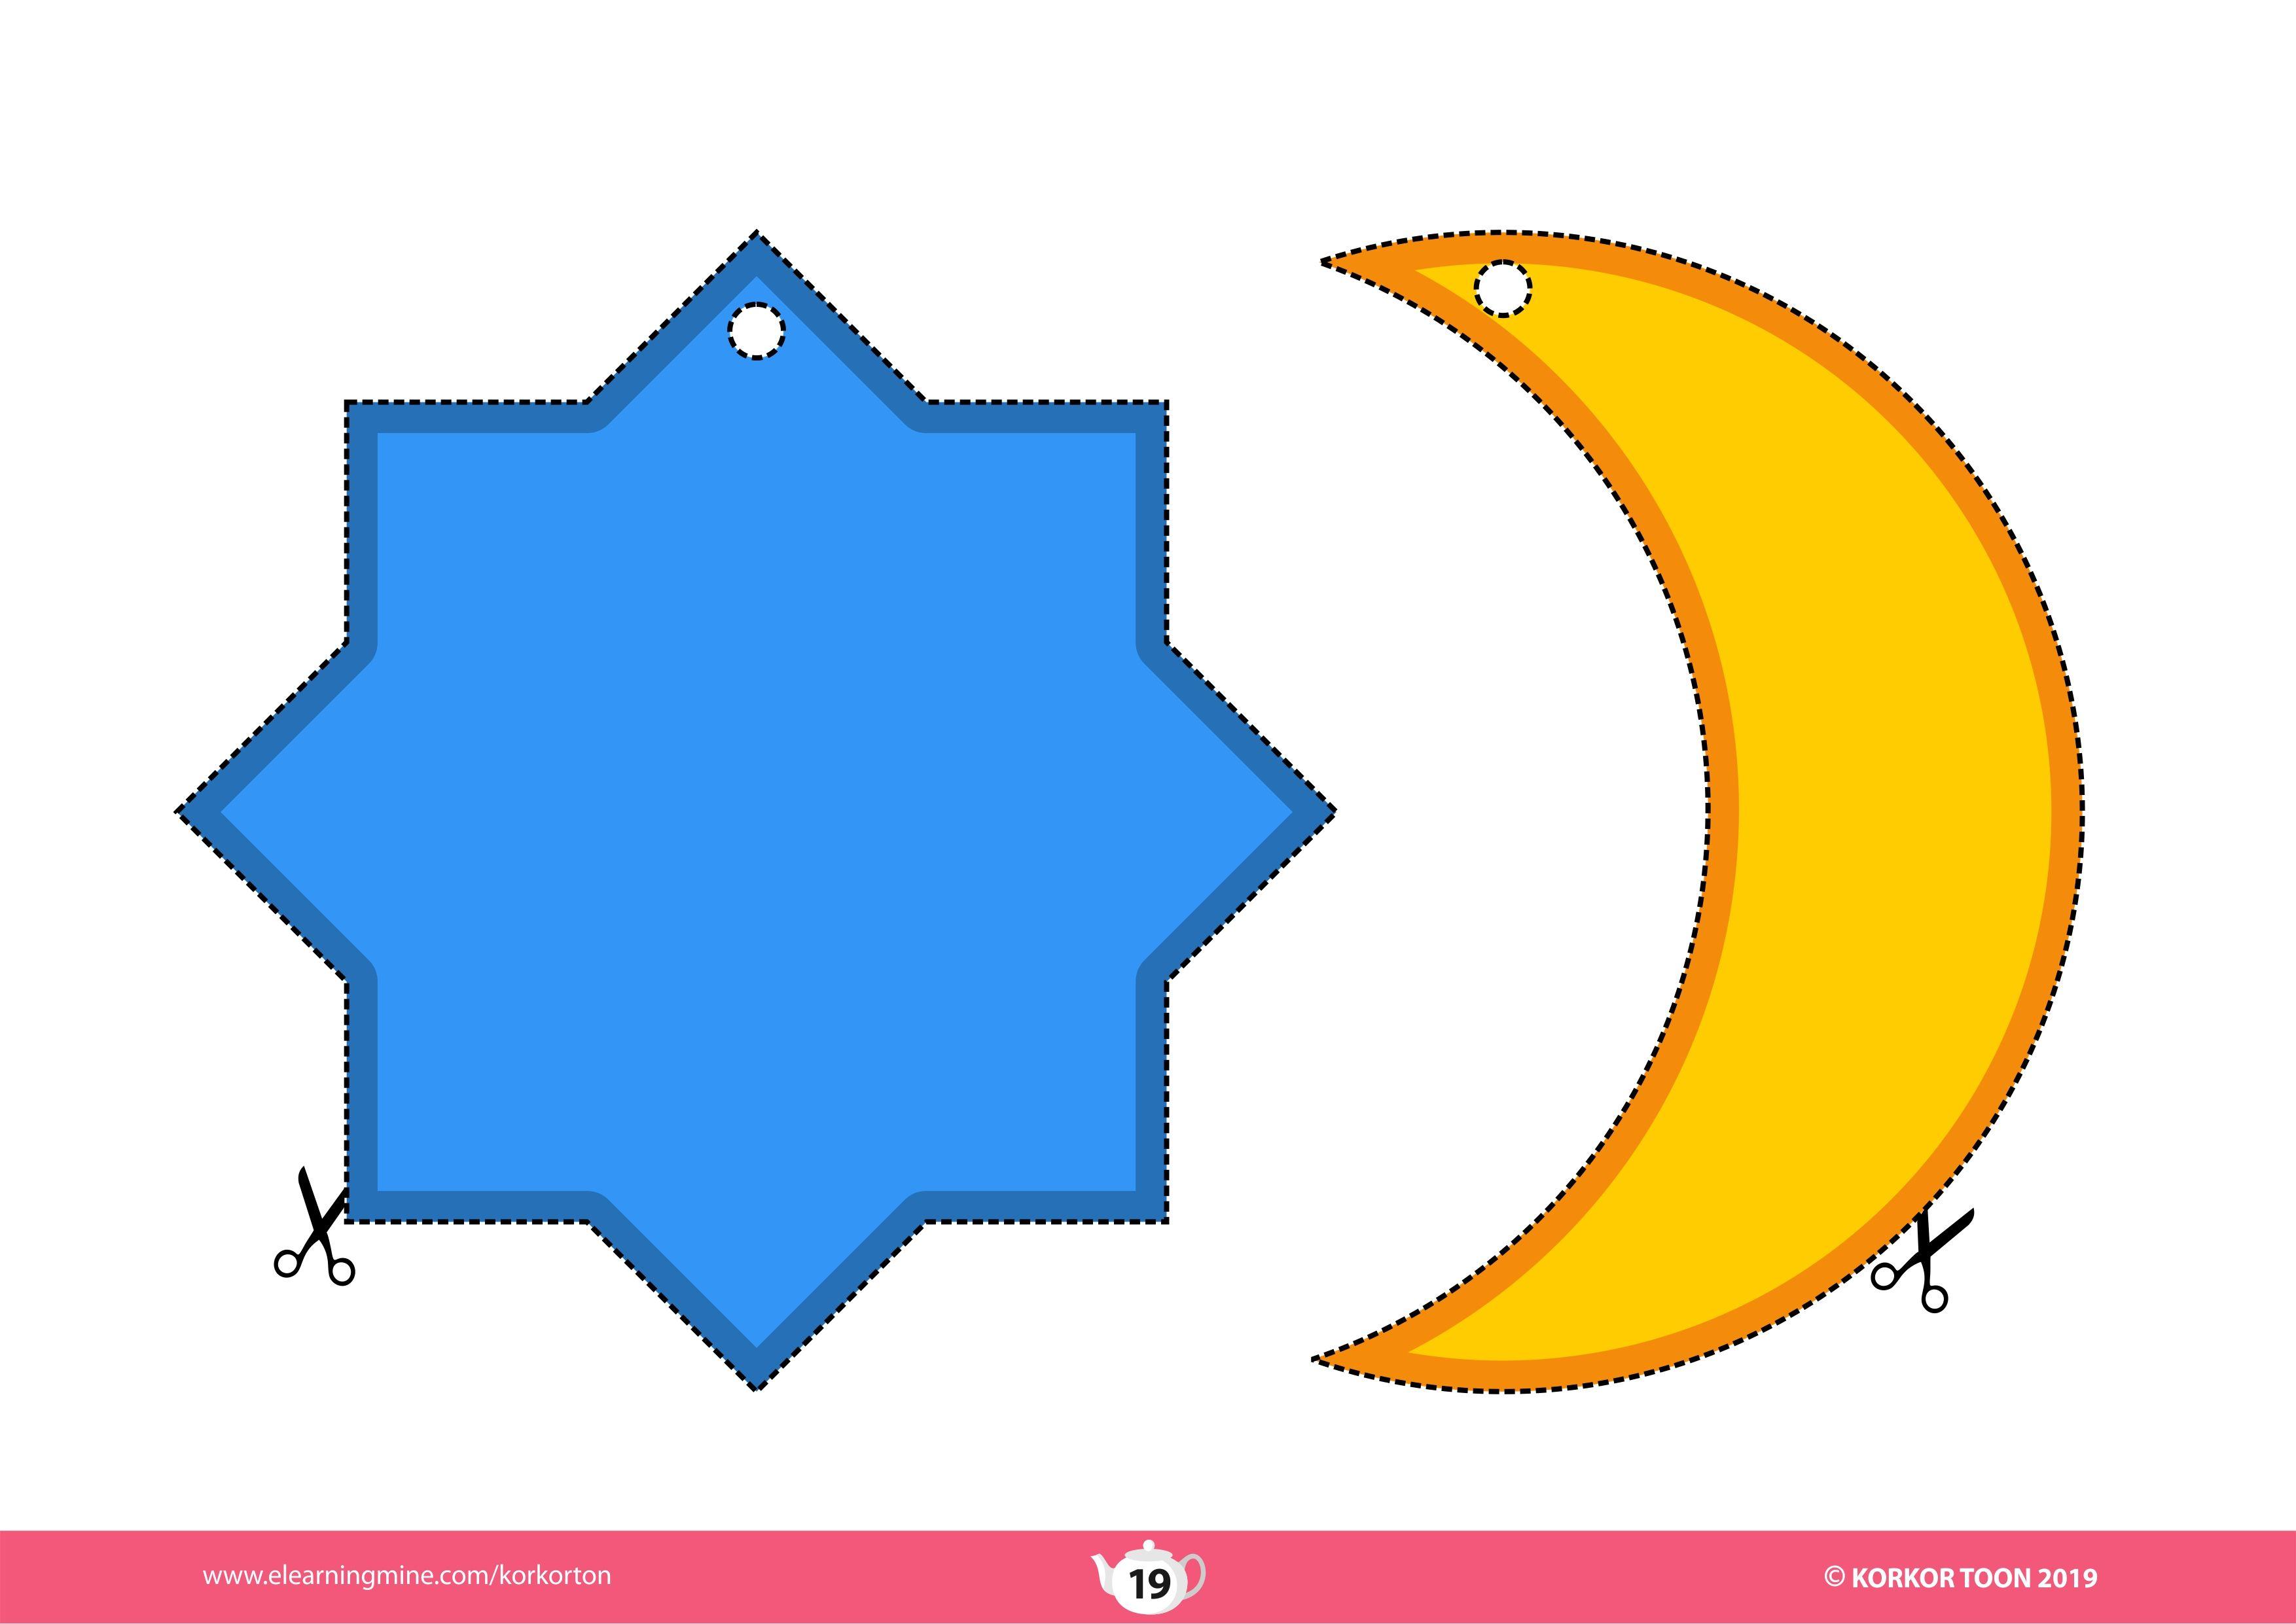 زينة رمضان جاهزة للطباعة Printable Ramadan Decoration Ramadan Decorations Animal Illustration Ramadan Lantern